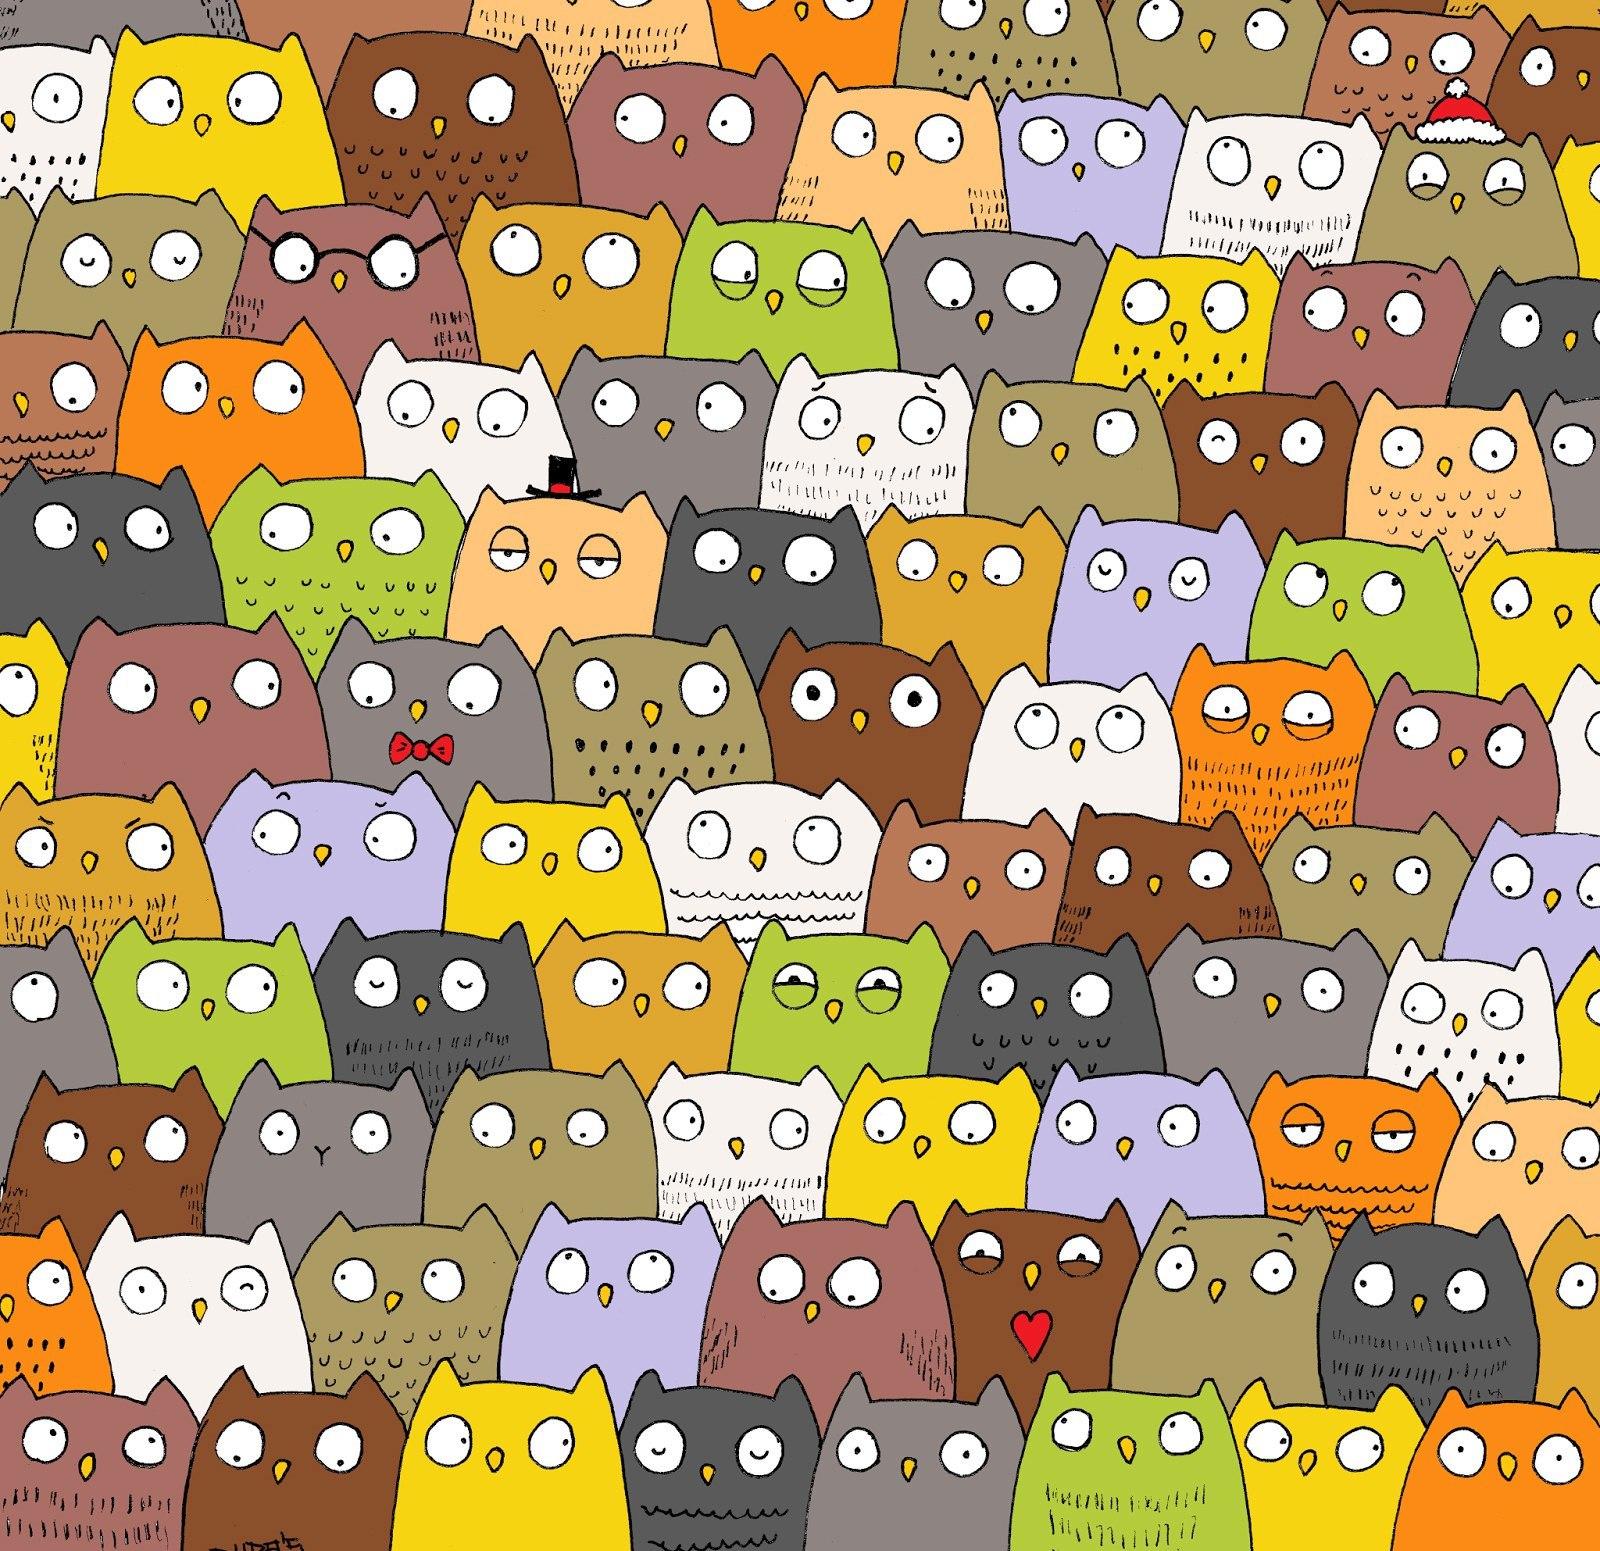 всем картинки на внимательность найди кота среди сов рассказала инстаграм